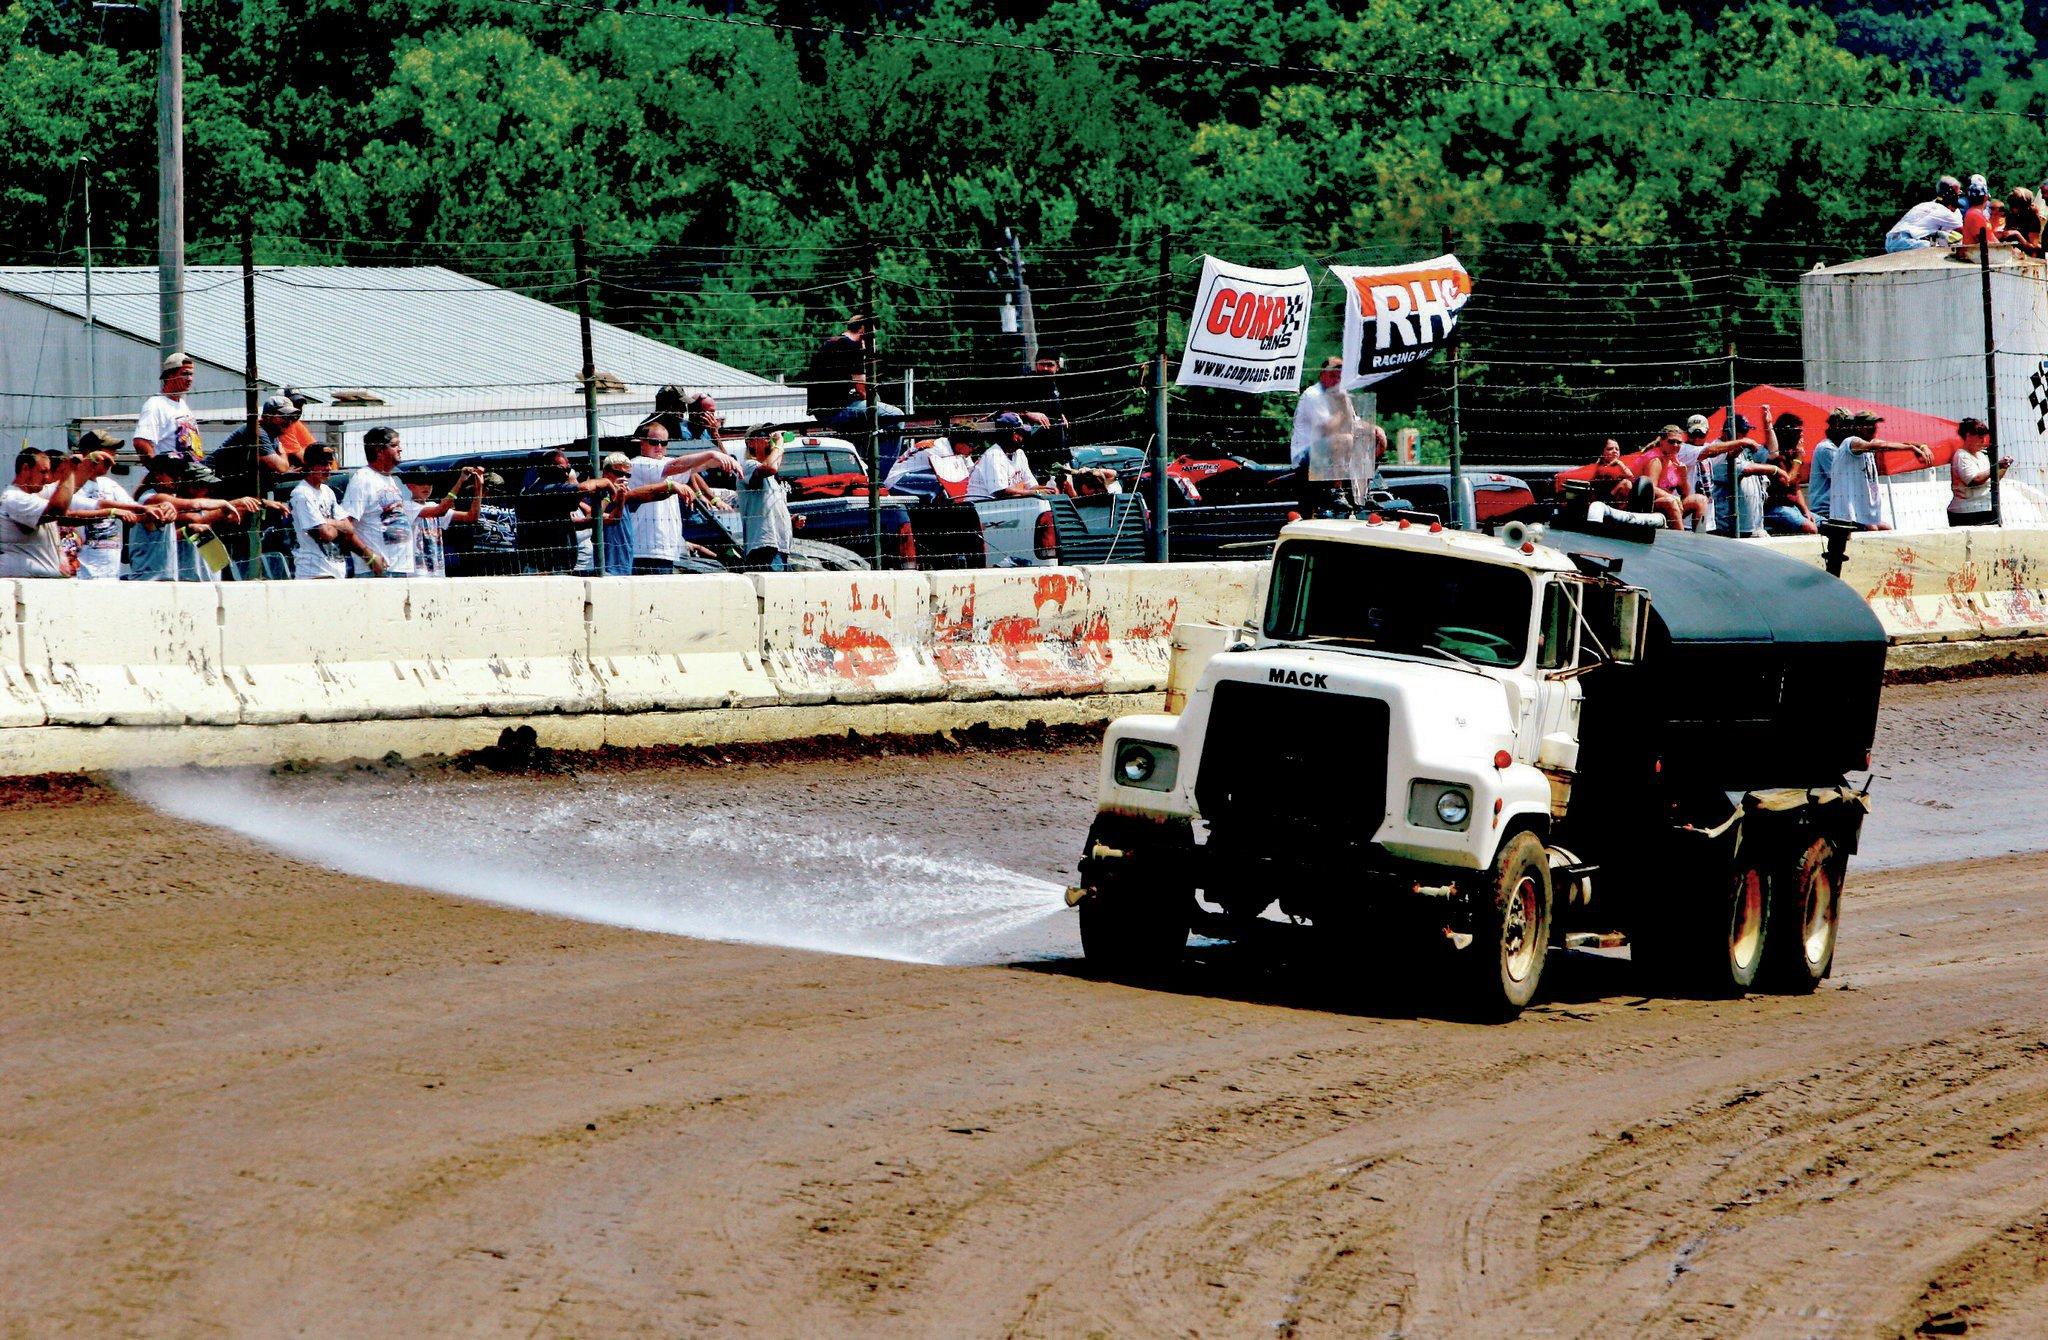 Dirt Track Racing, Bassem Girgis, Intro into racing